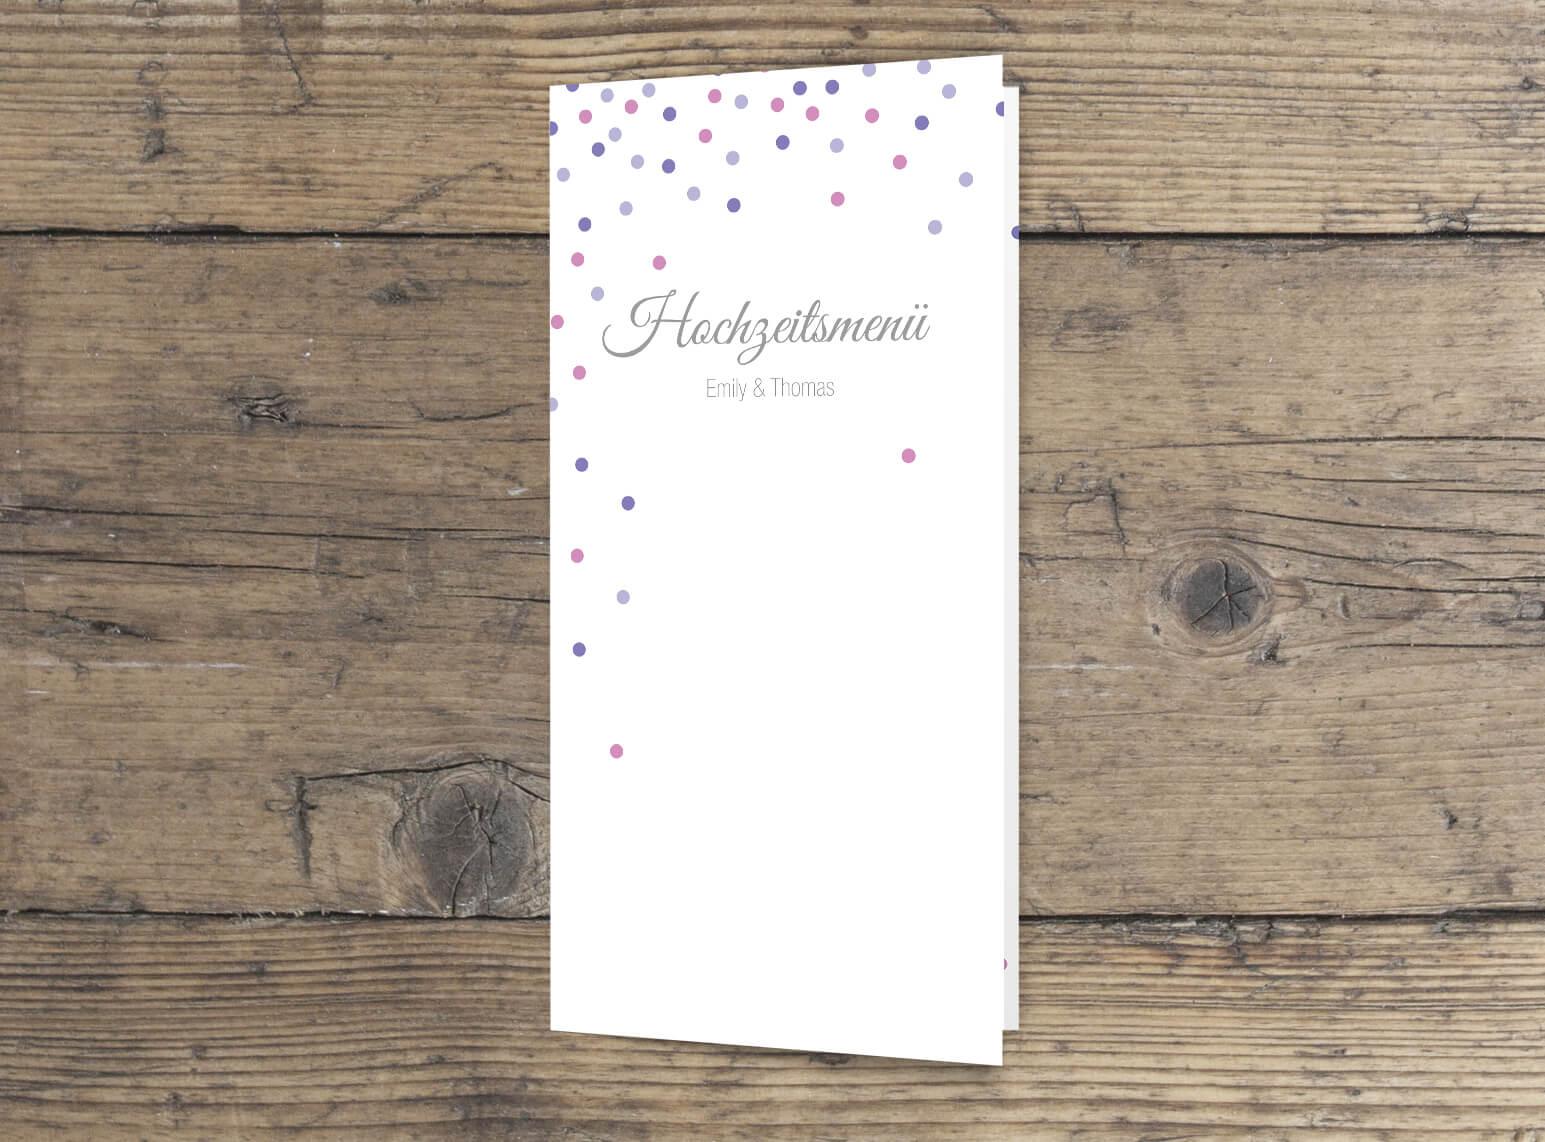 Hochzeits Menüklappkarte im modernen elegantem Design